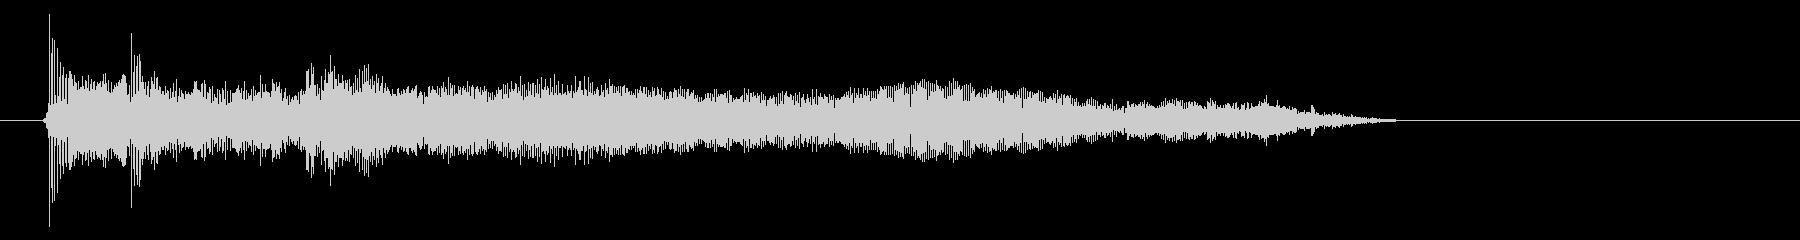 エレクトリックギタートゥワン-テキ...の未再生の波形